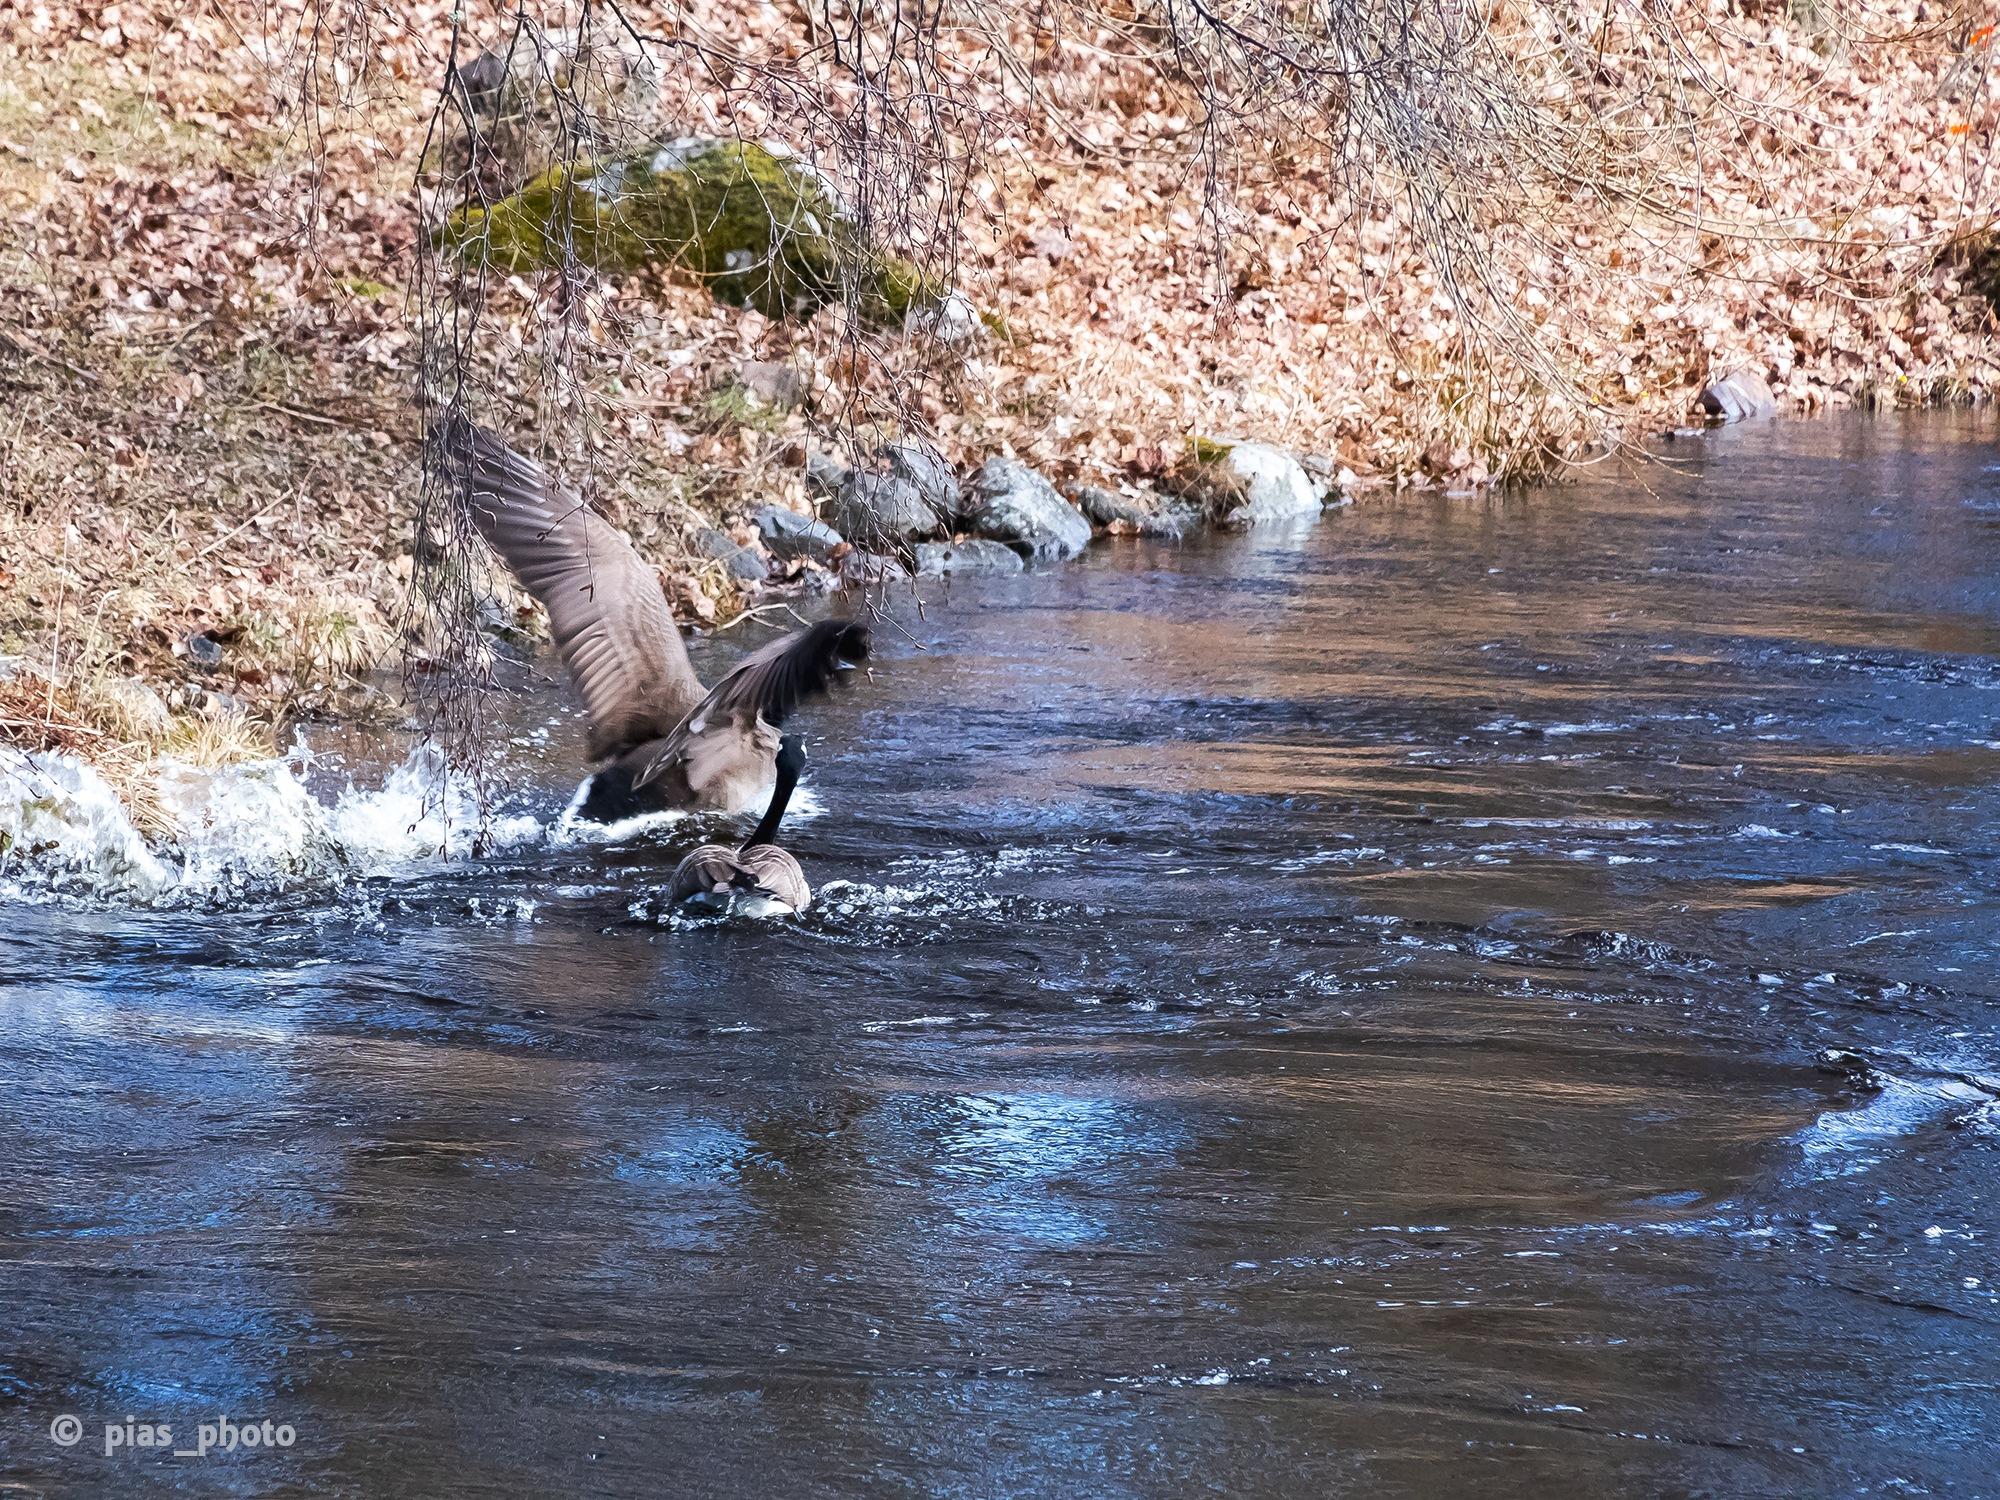 Kanadagäss i Mackmyra by pias_photo